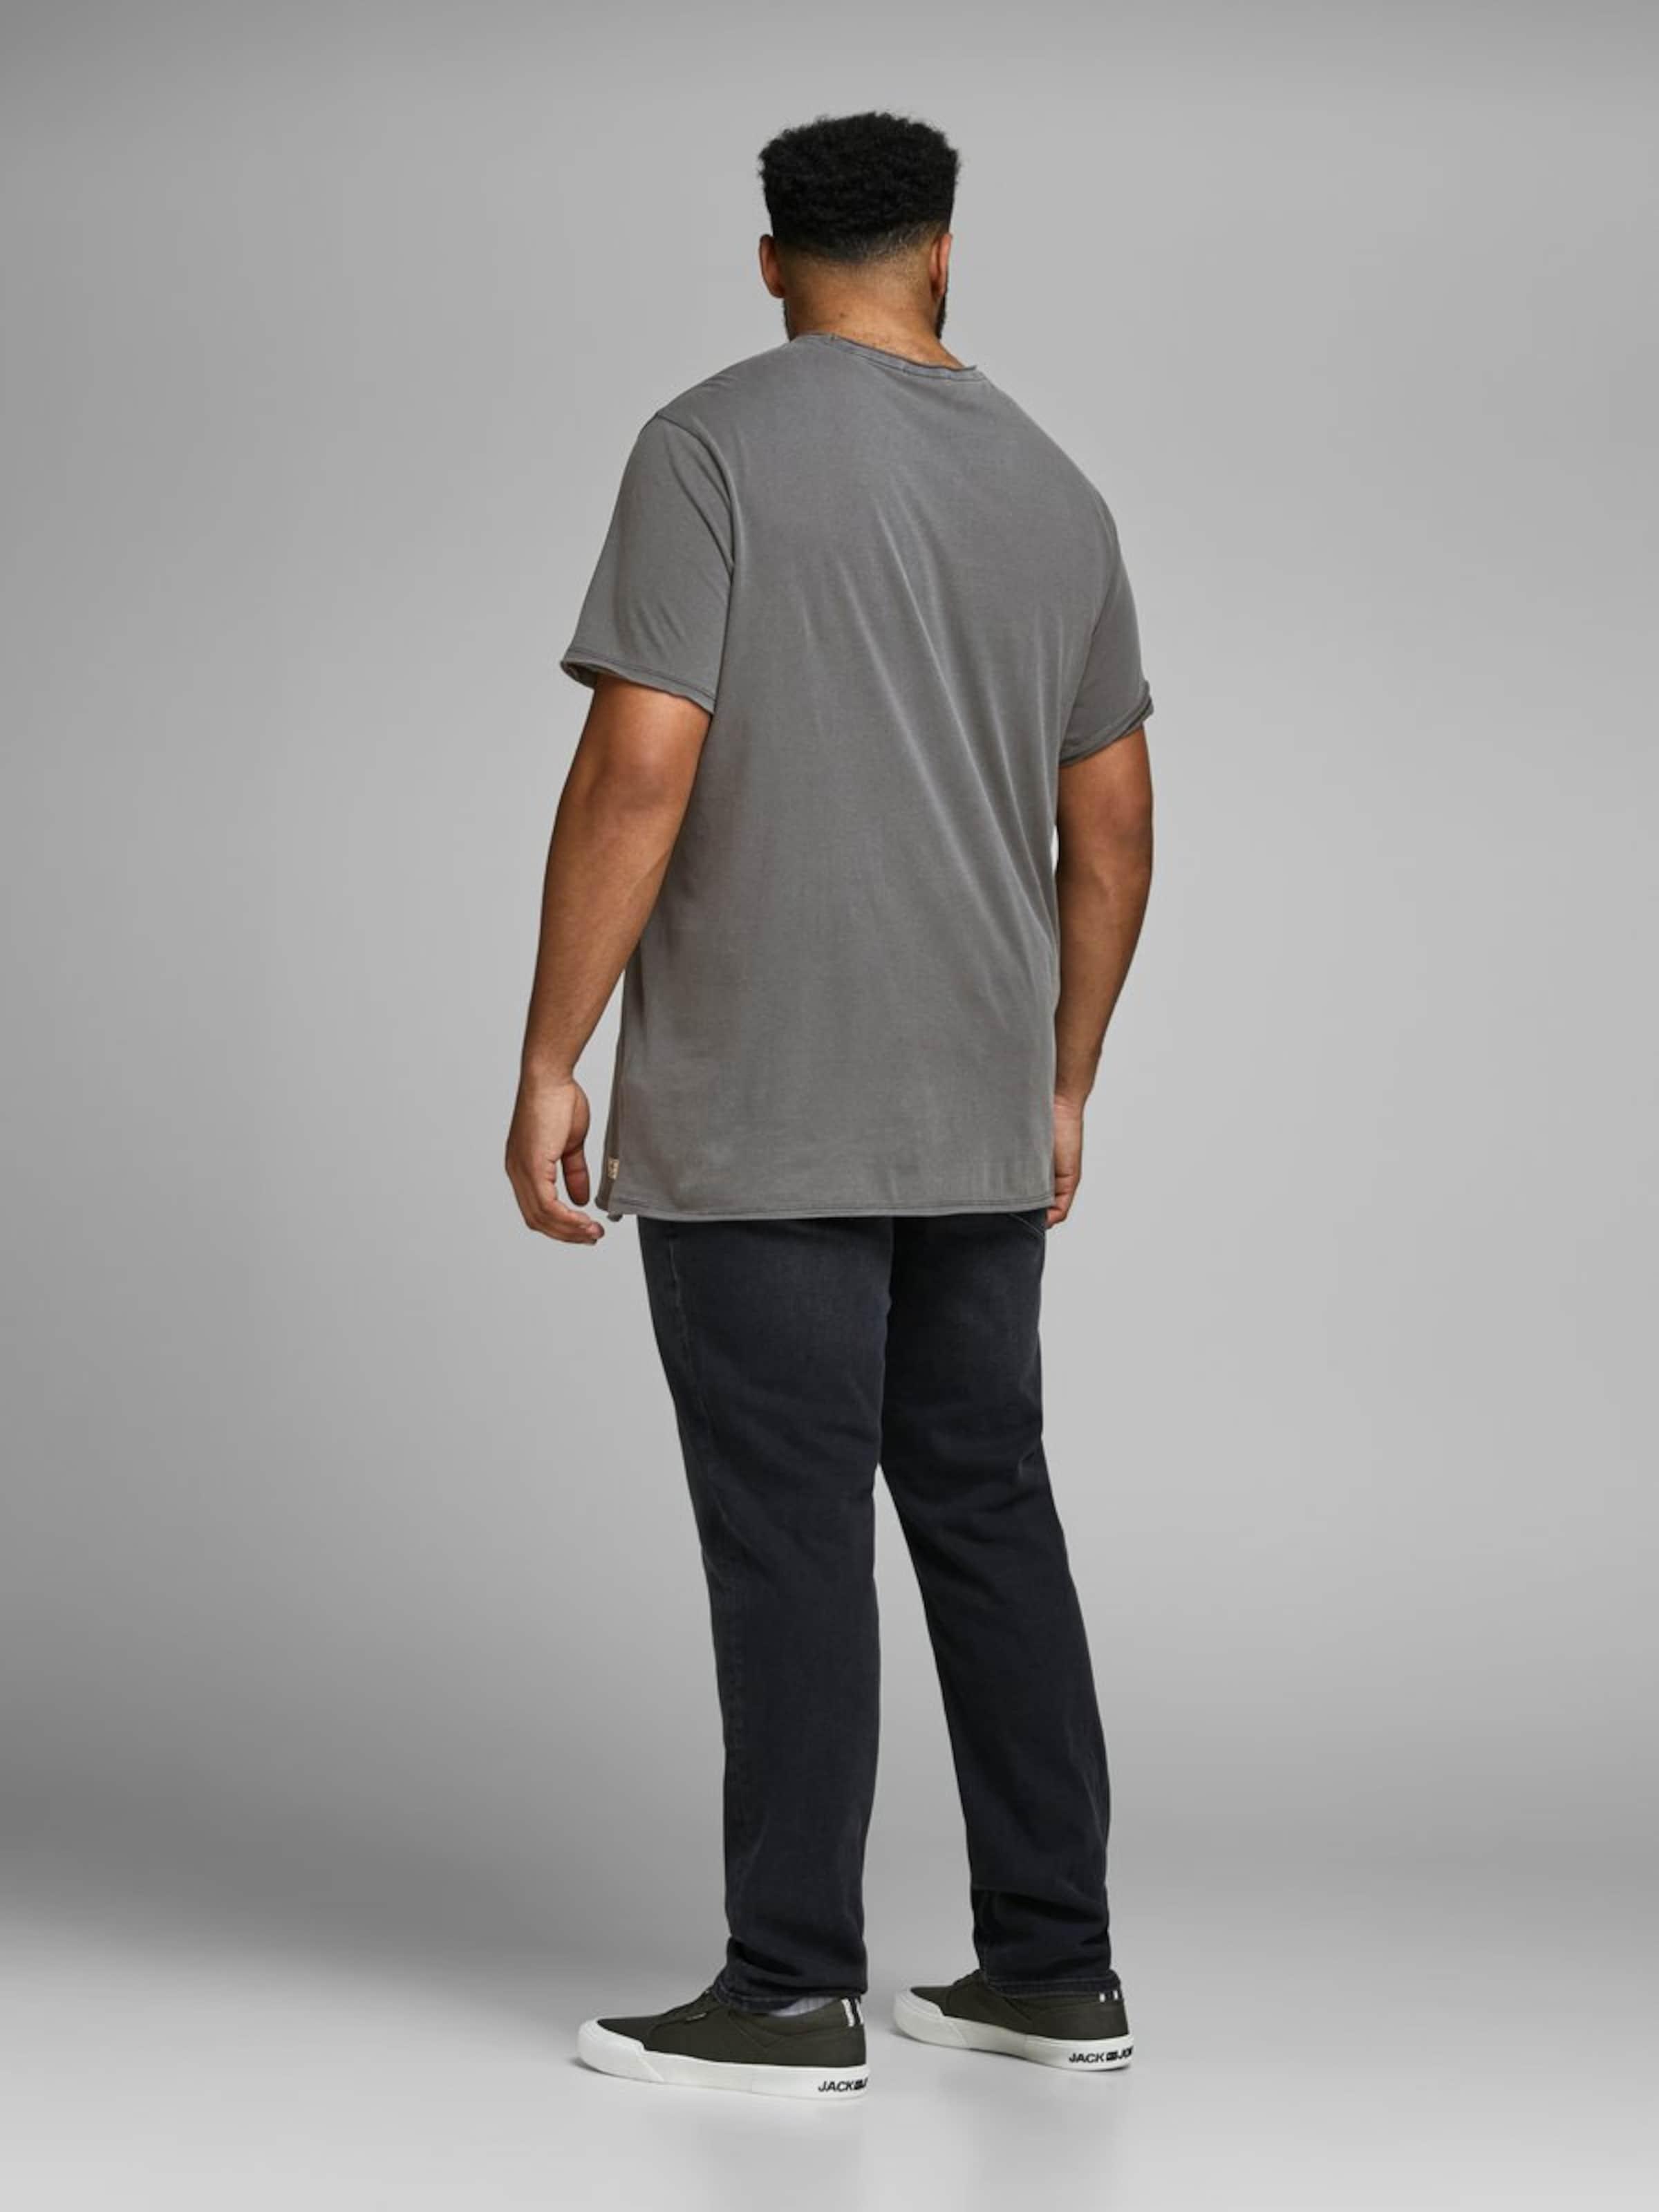 Jones Blanc Gris Jackamp; shirt FoncéRouge T En 5q34ARjL